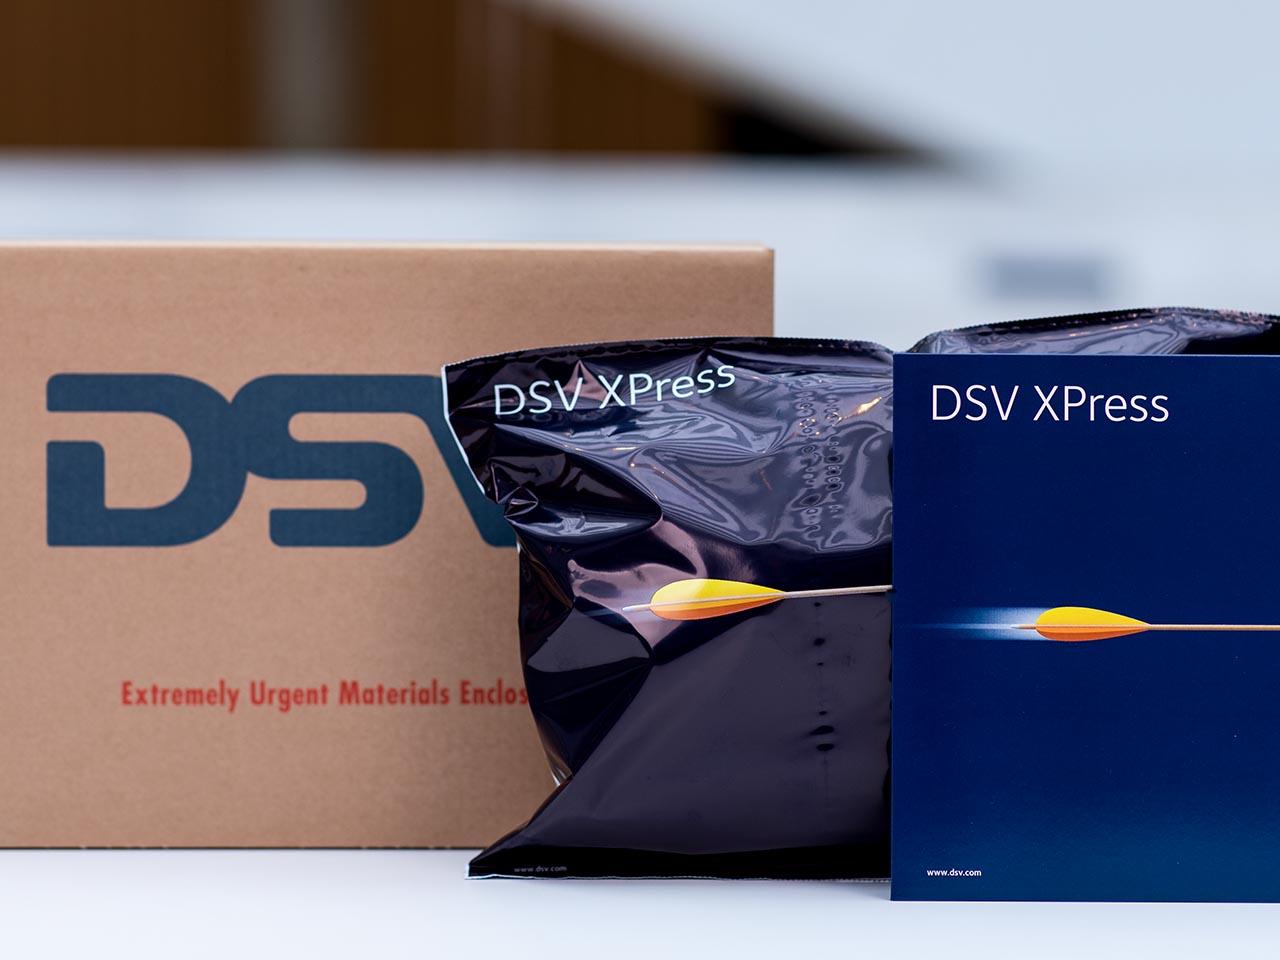 Need packaging supplies DSV XPress